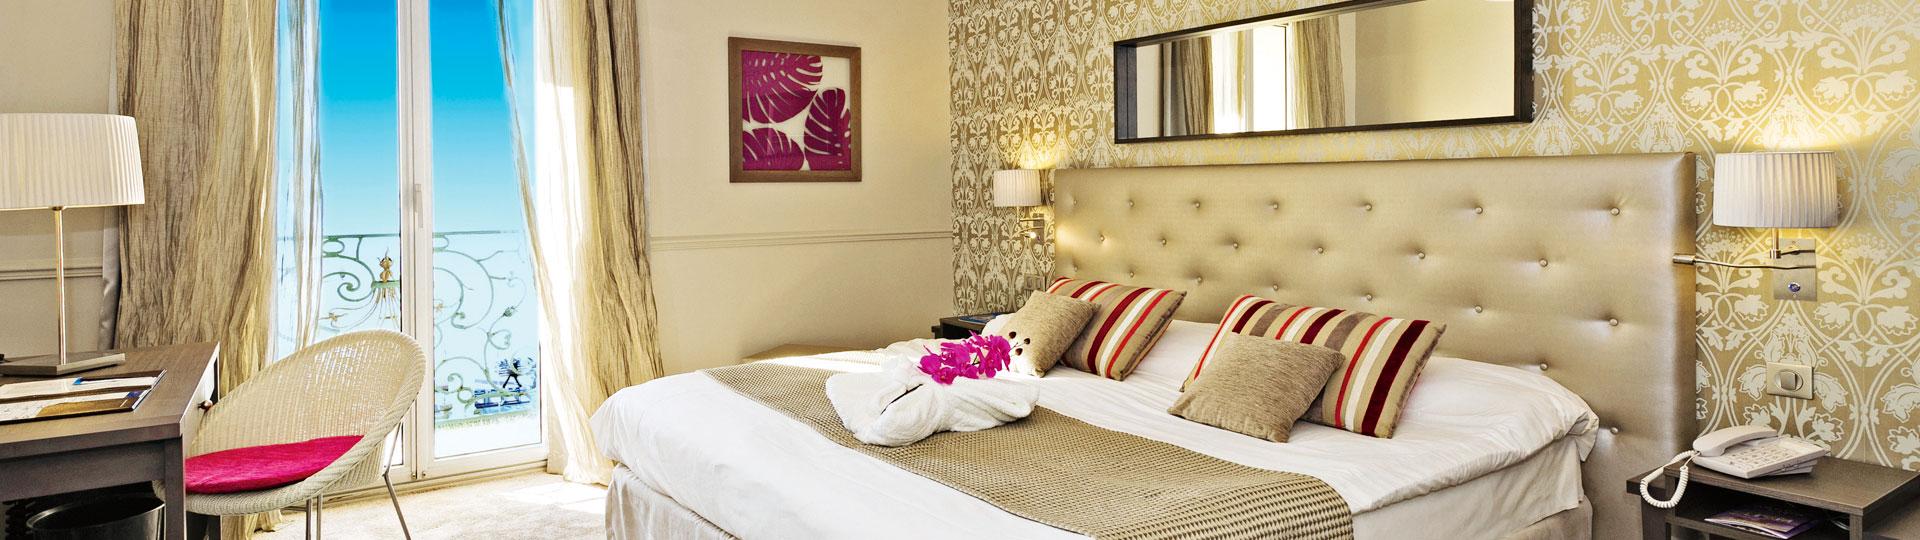 Chambre privilège de l'hôtel*** Le Royal à Nice